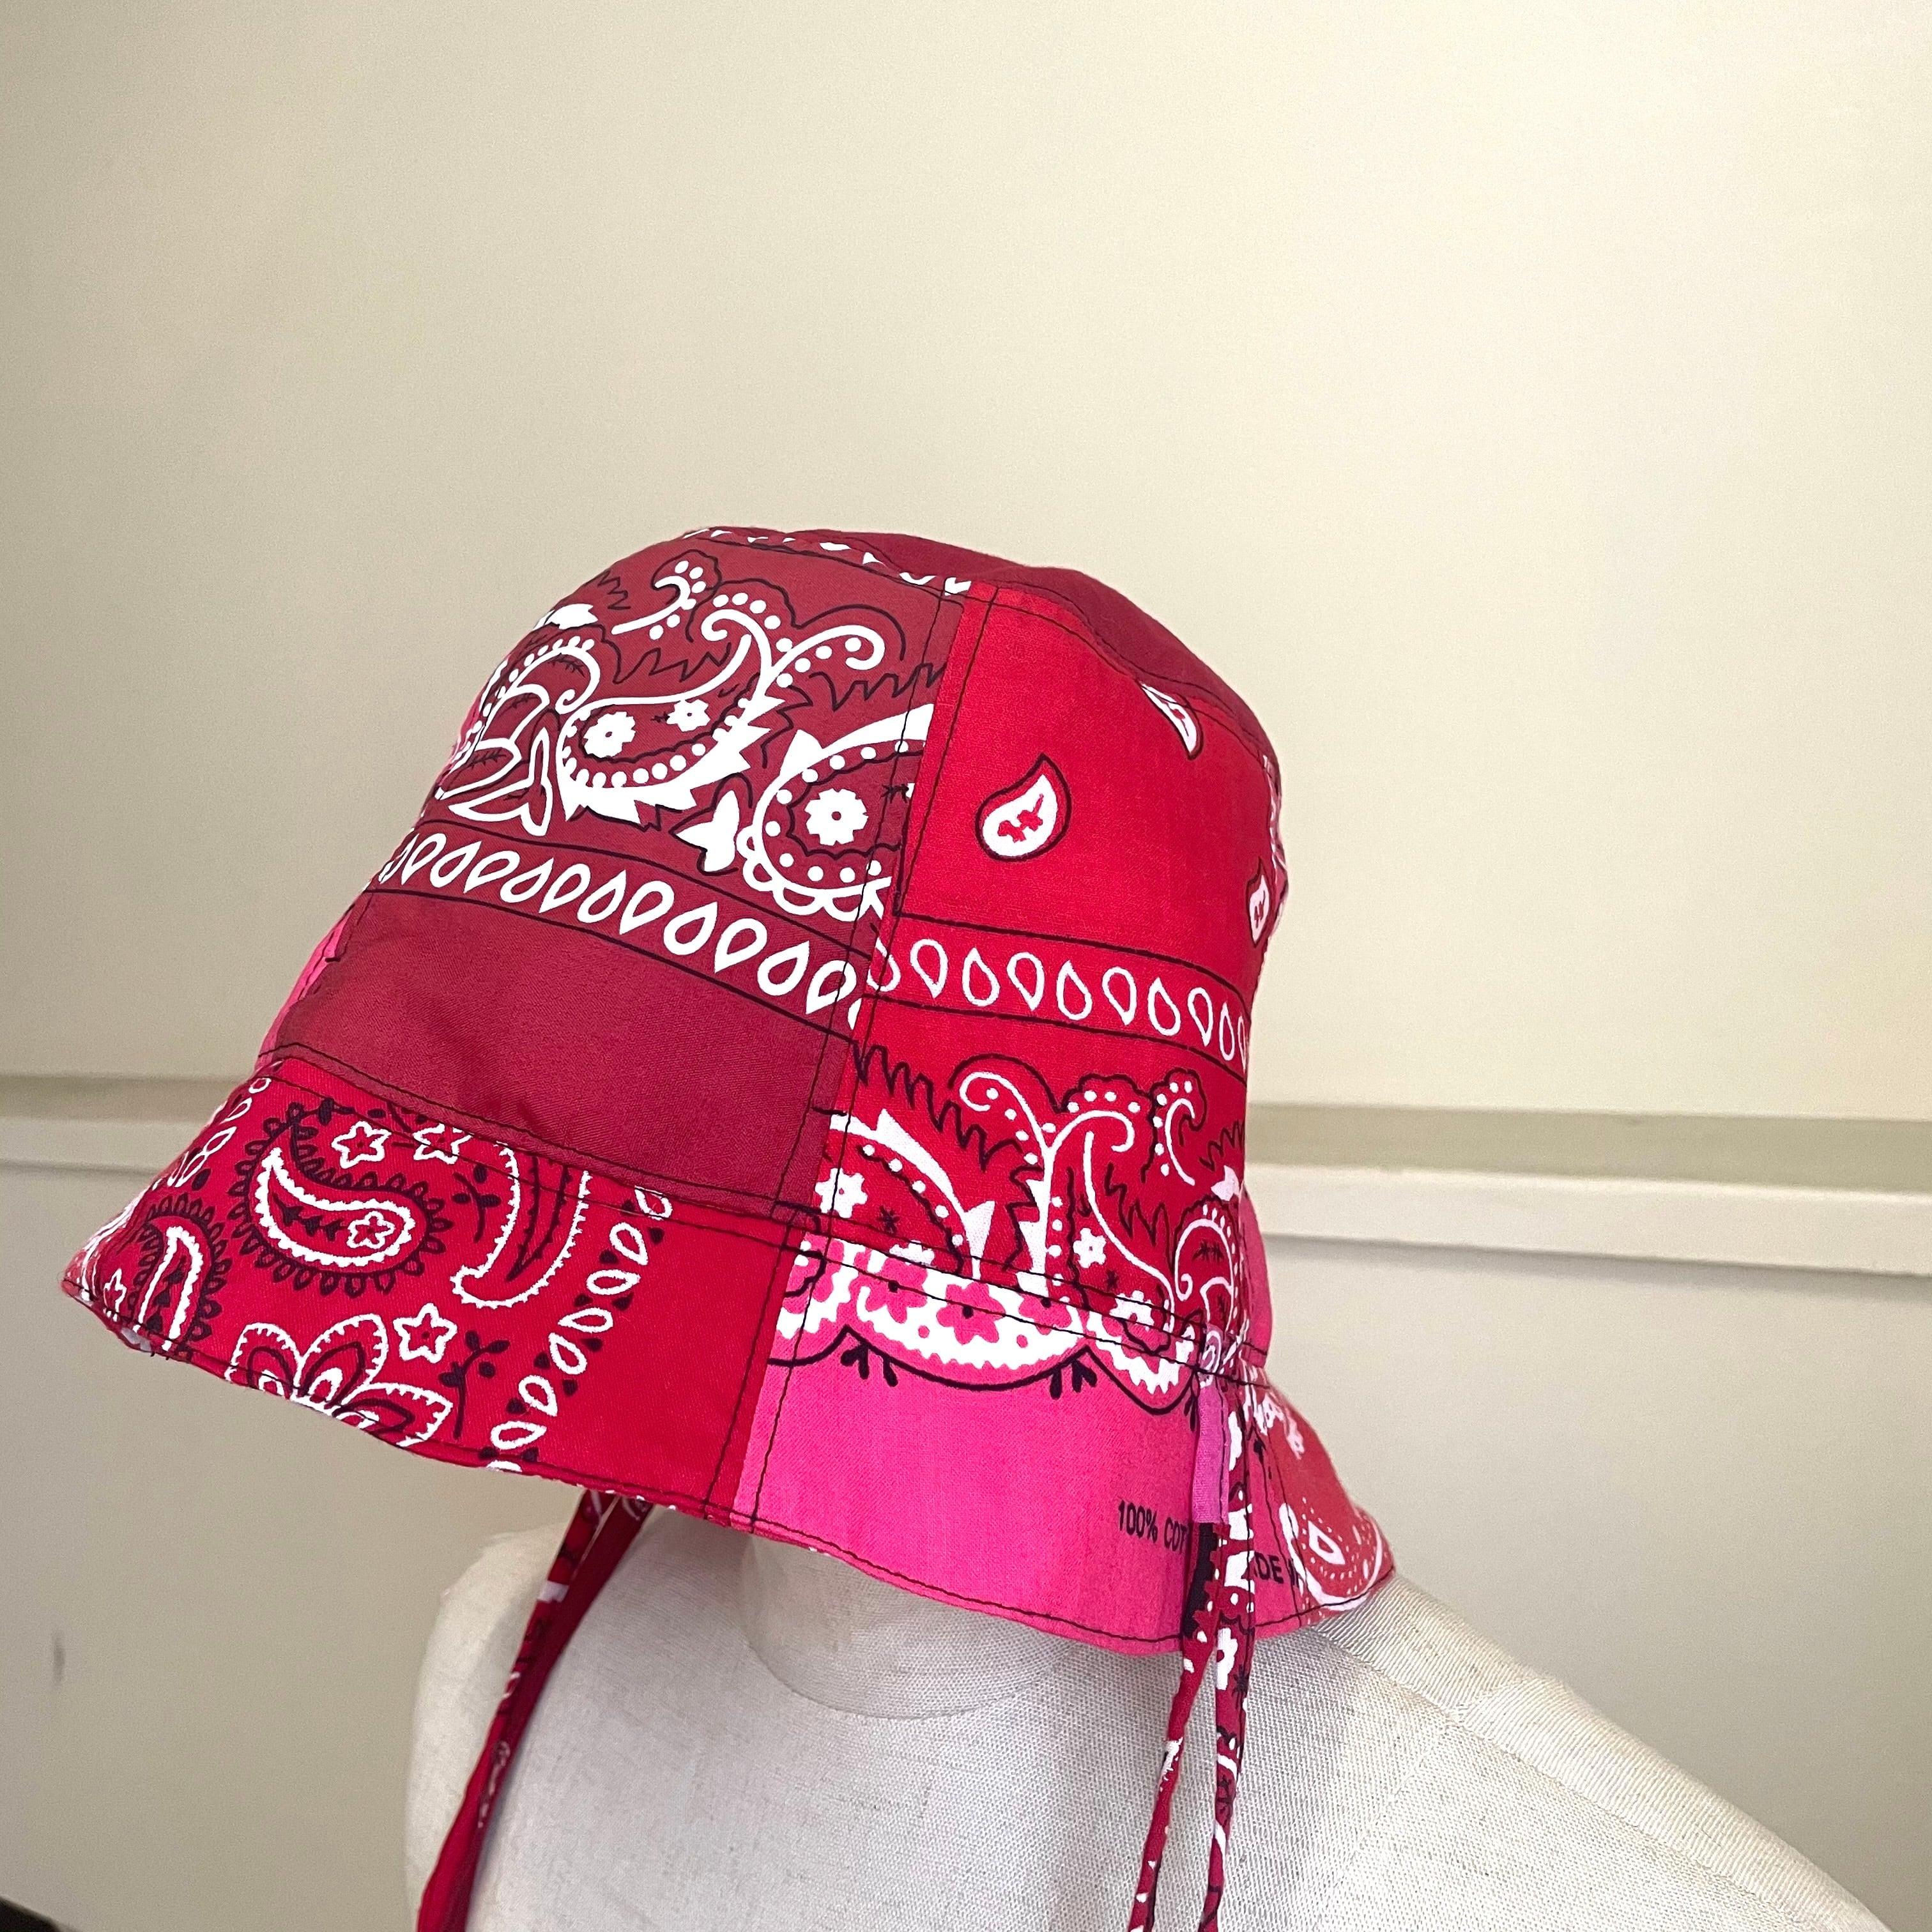 【RehersalL】bandanna basket hat(red B) /【リハーズオール】バンダナバスケットハット(レッドB)